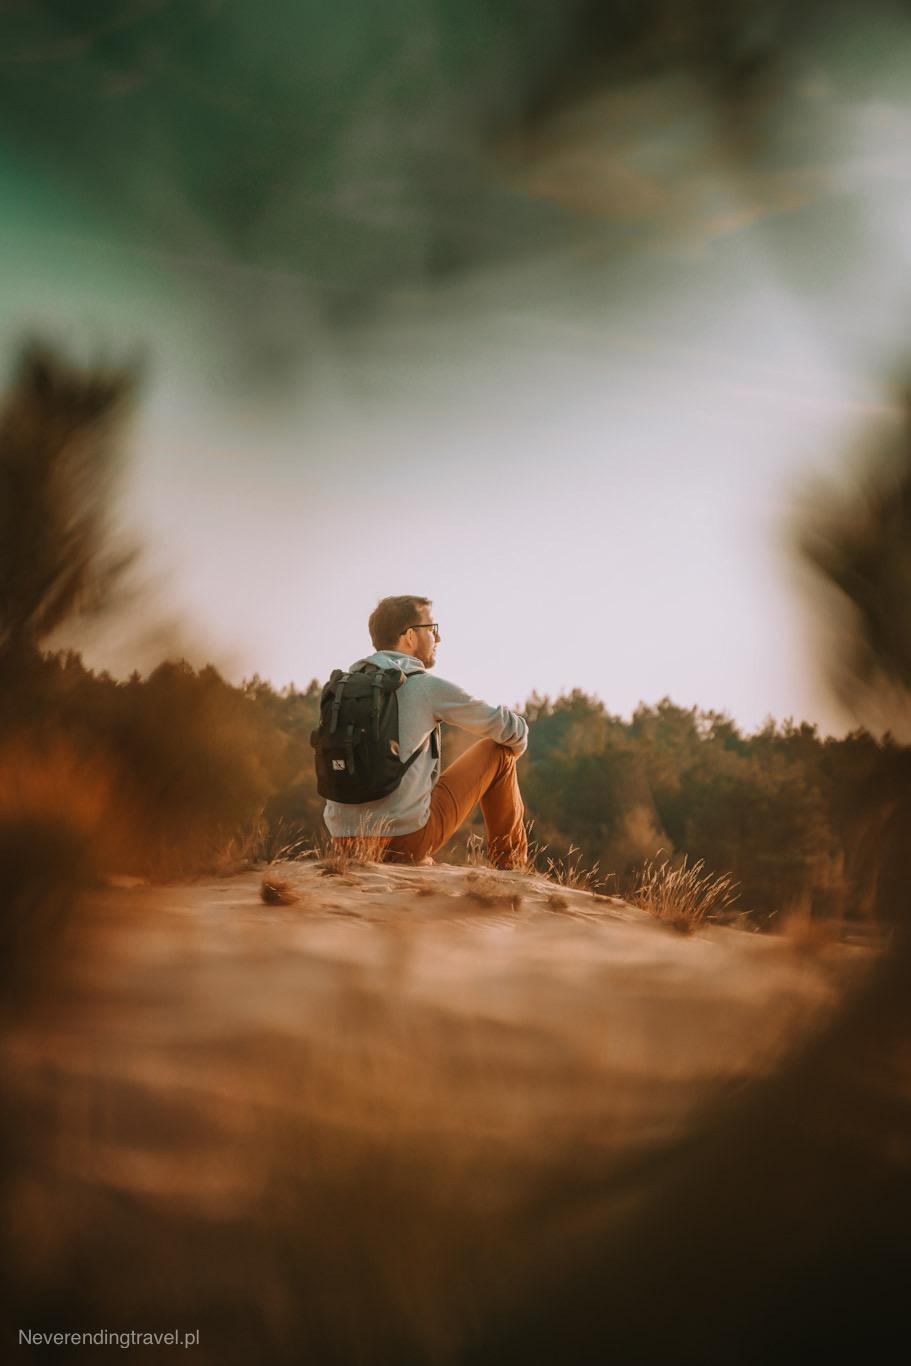 wydmy, kampinoska pustynia, poligon cybulice, kampinos, grochalskie piachy, ciekawe miejsca w kampinosie, kampinoski park narodowy, ciekawe miejsca warszawa, pustynia pod warszawą, polska ciekawe miejsca,